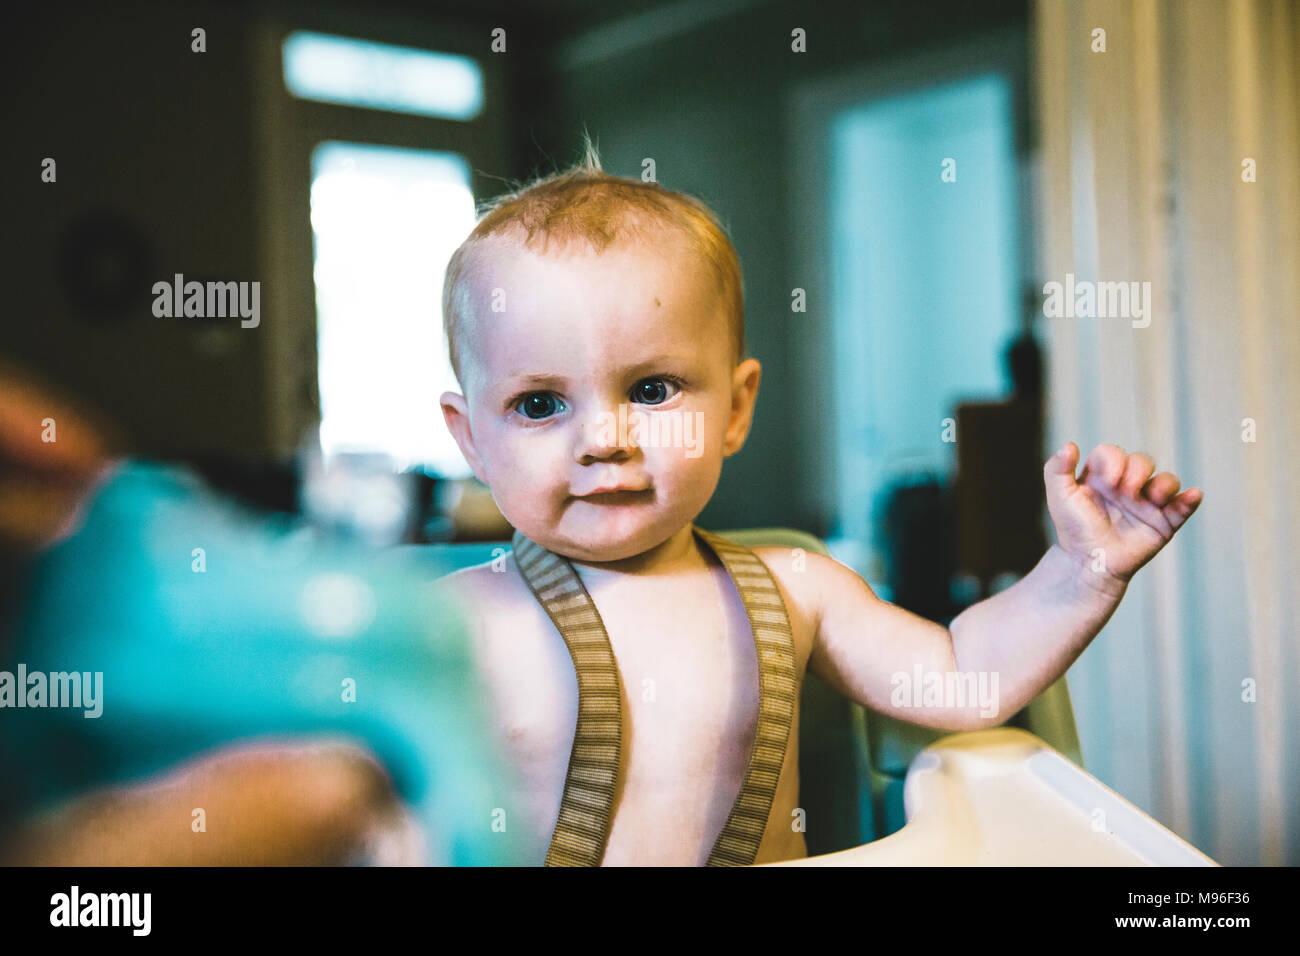 Alimentación del bebé Imagen De Stock